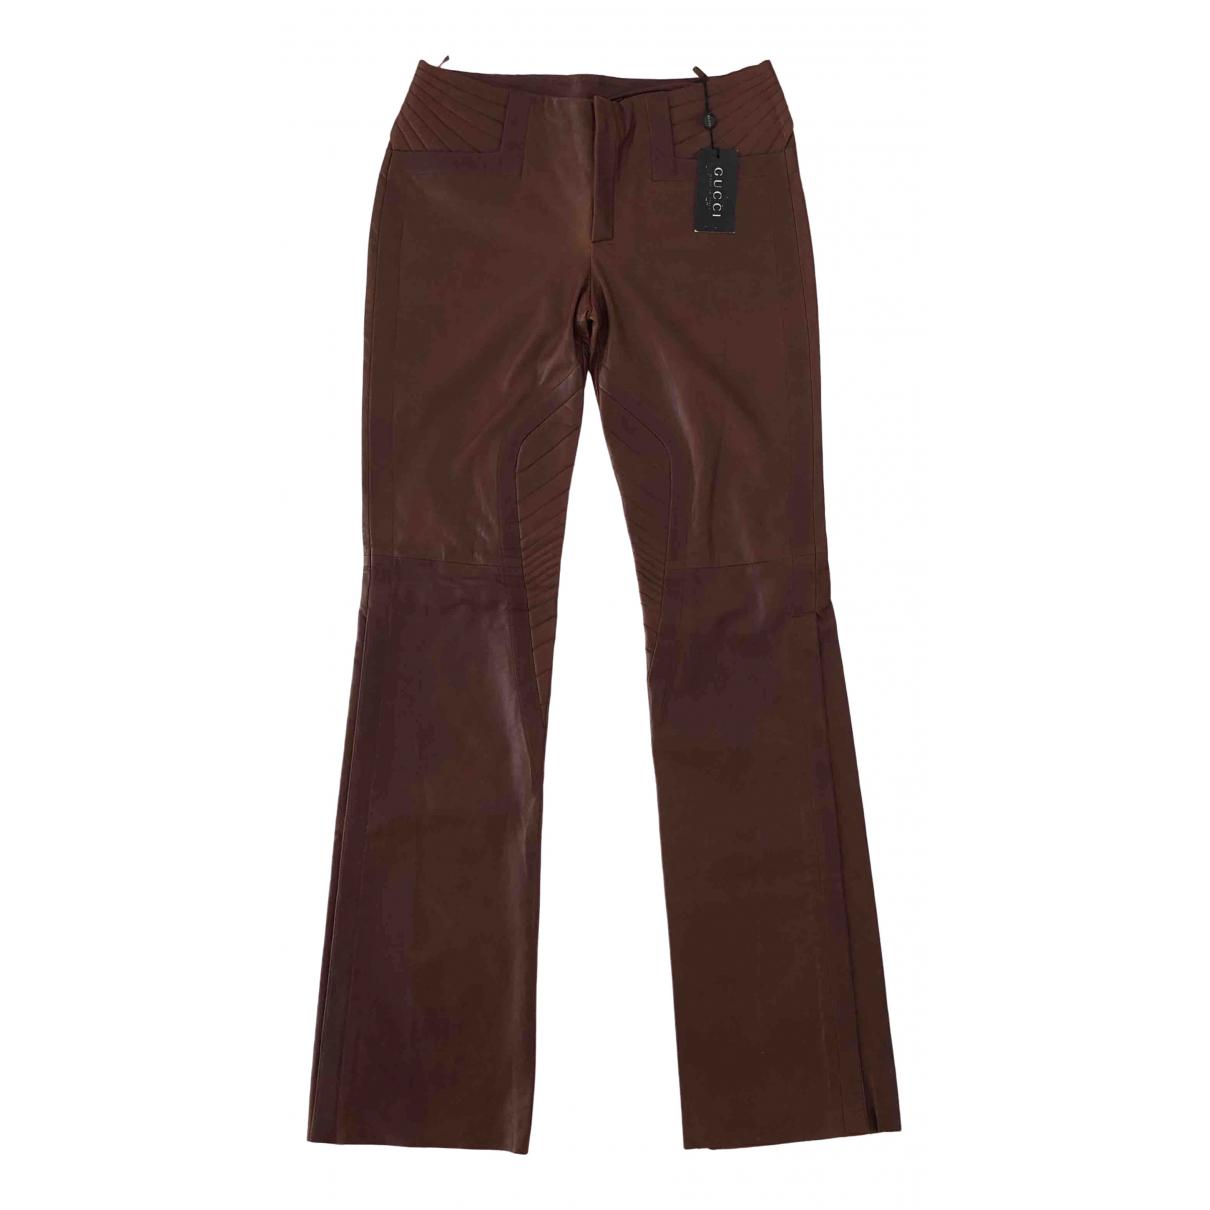 Pantalon recto de Cuero Gucci